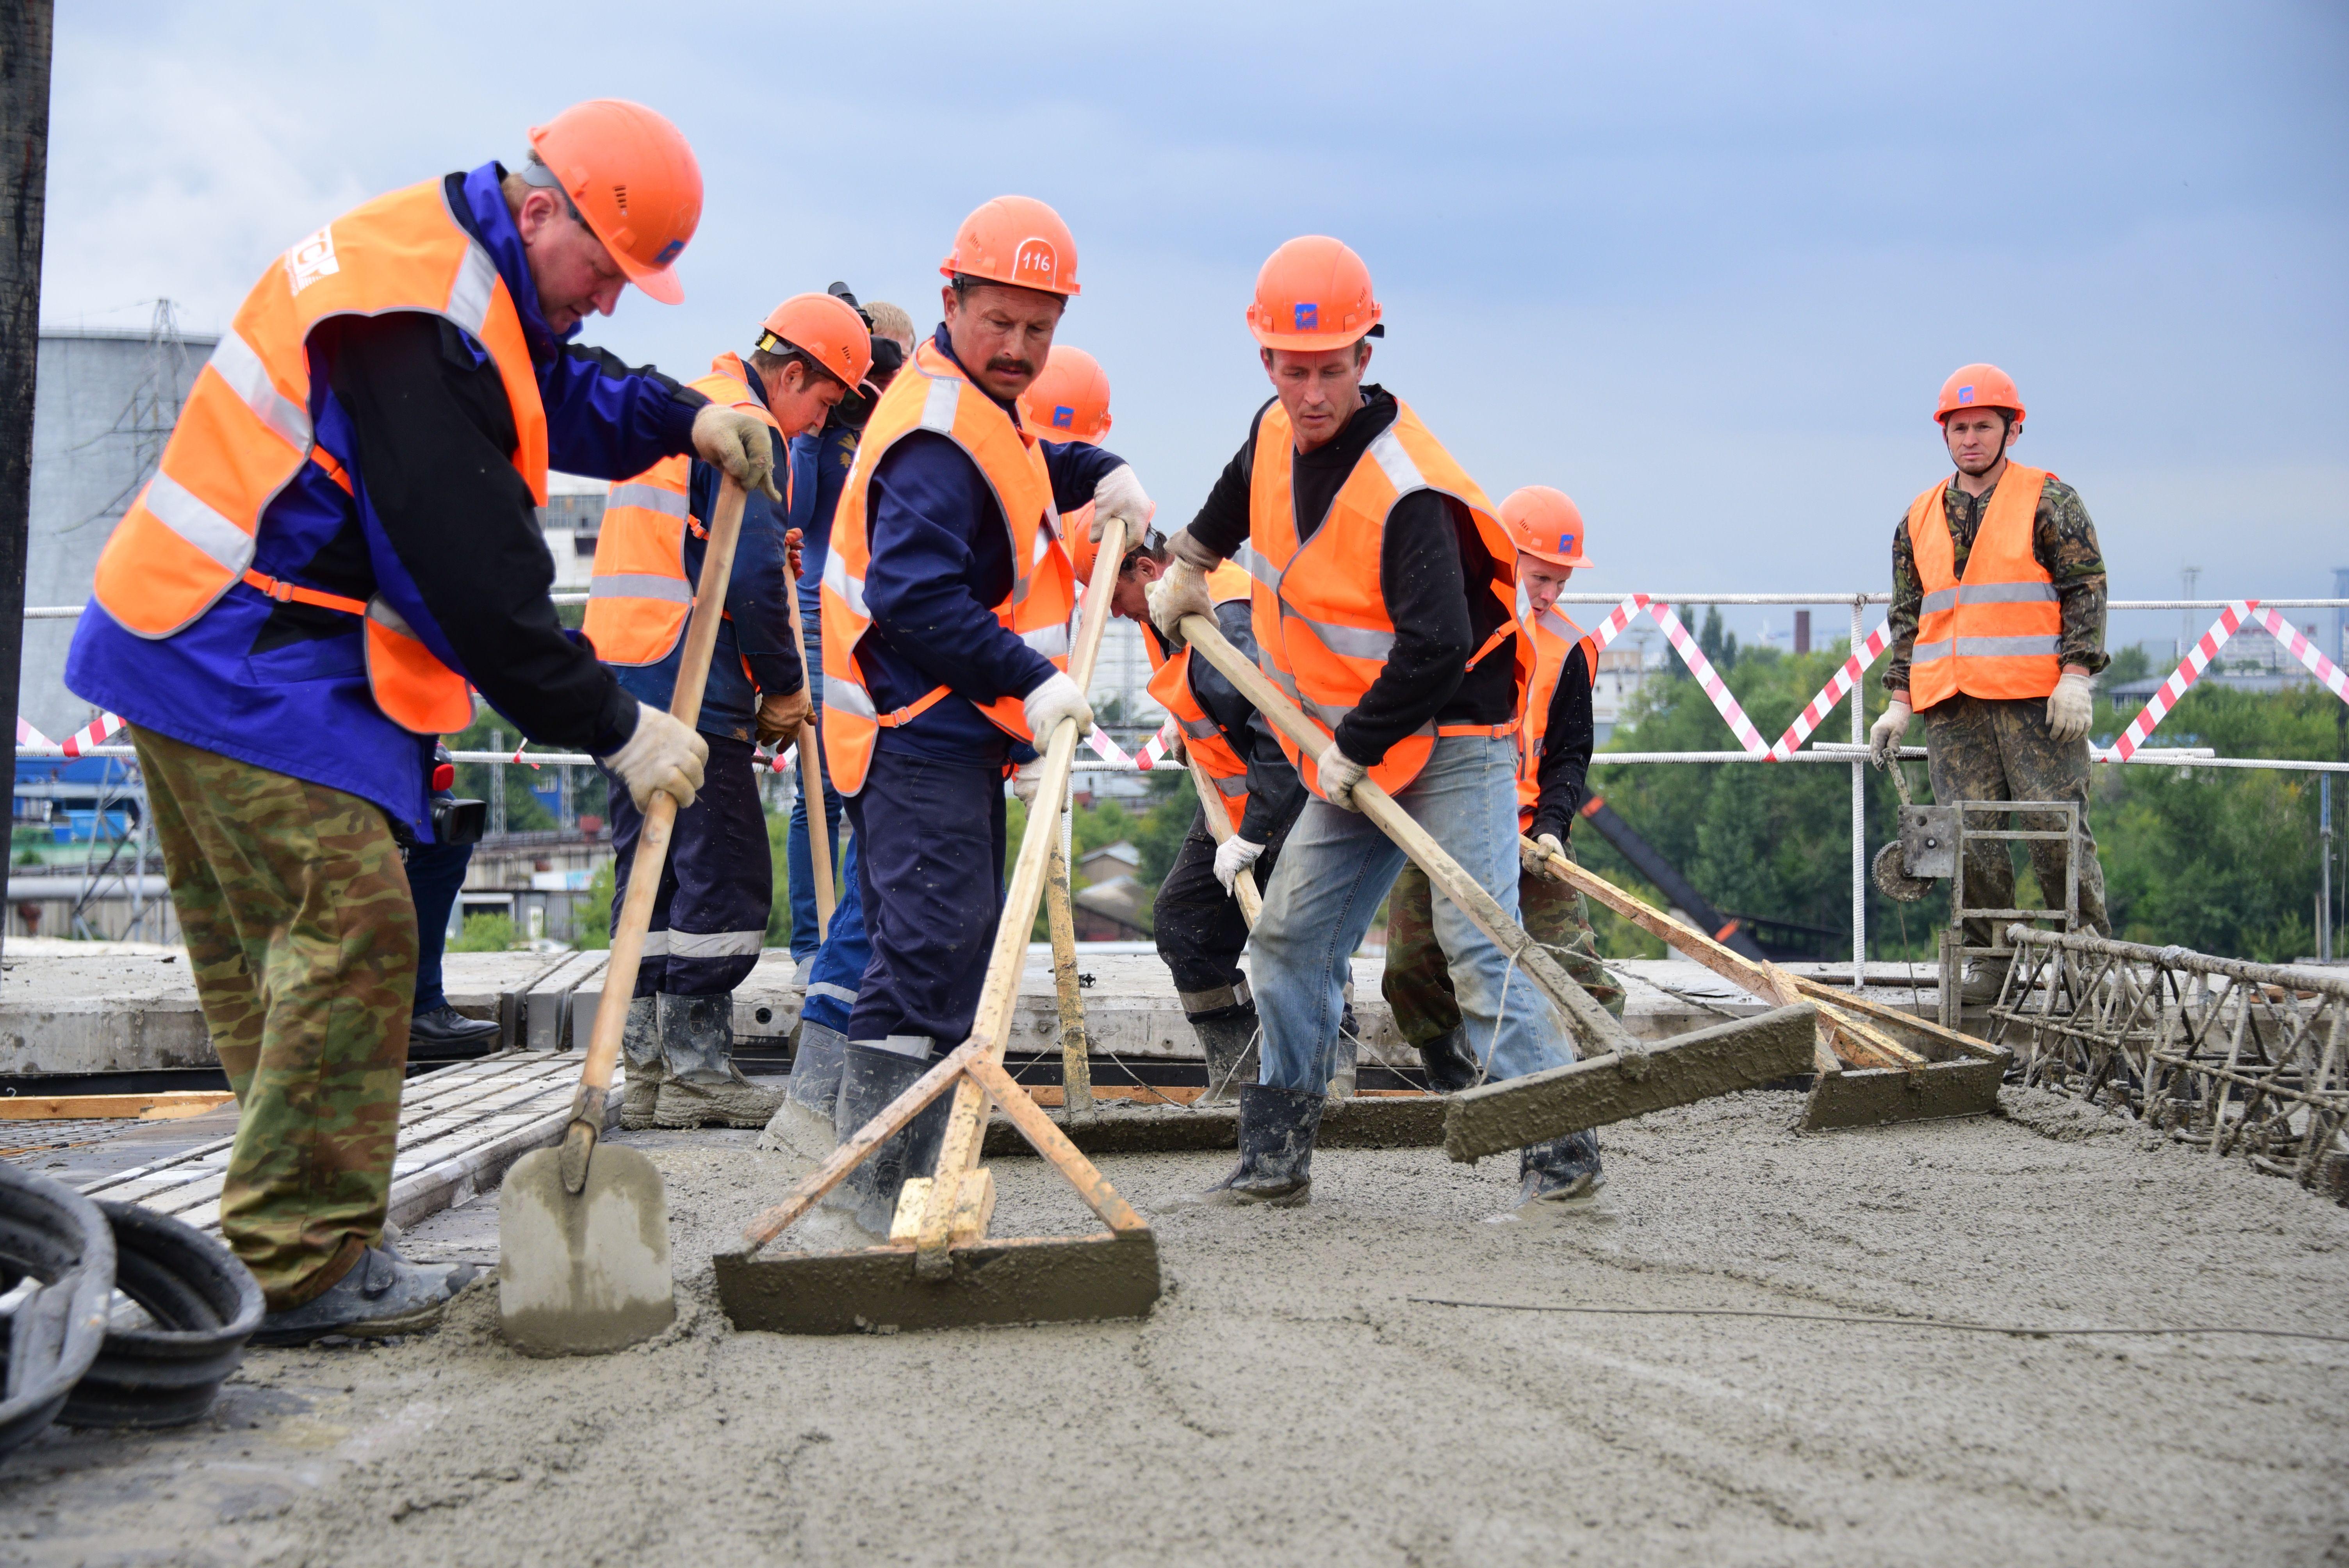 Москва согласовала очередной этап строительства развязки на дублере Кутузовского проспекта